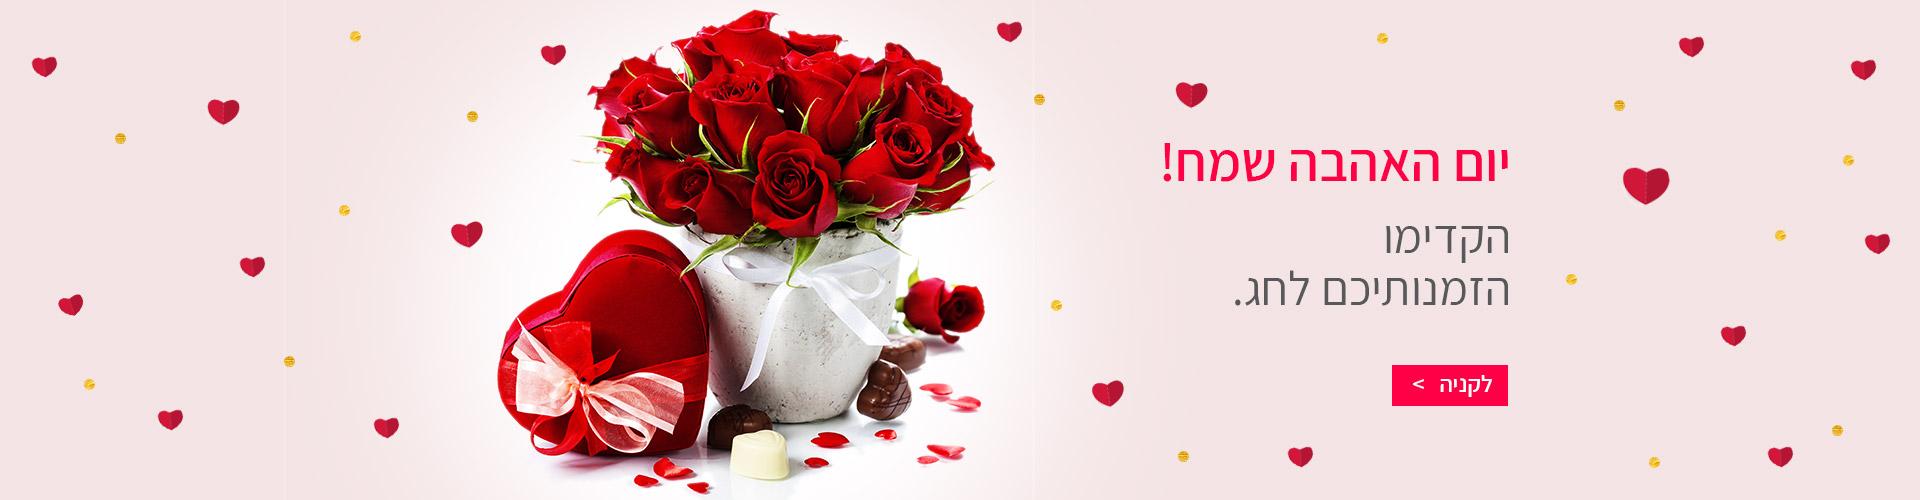 """ט""""ו באב יום האהבה בשדה פרחים משלוחי פרחים"""